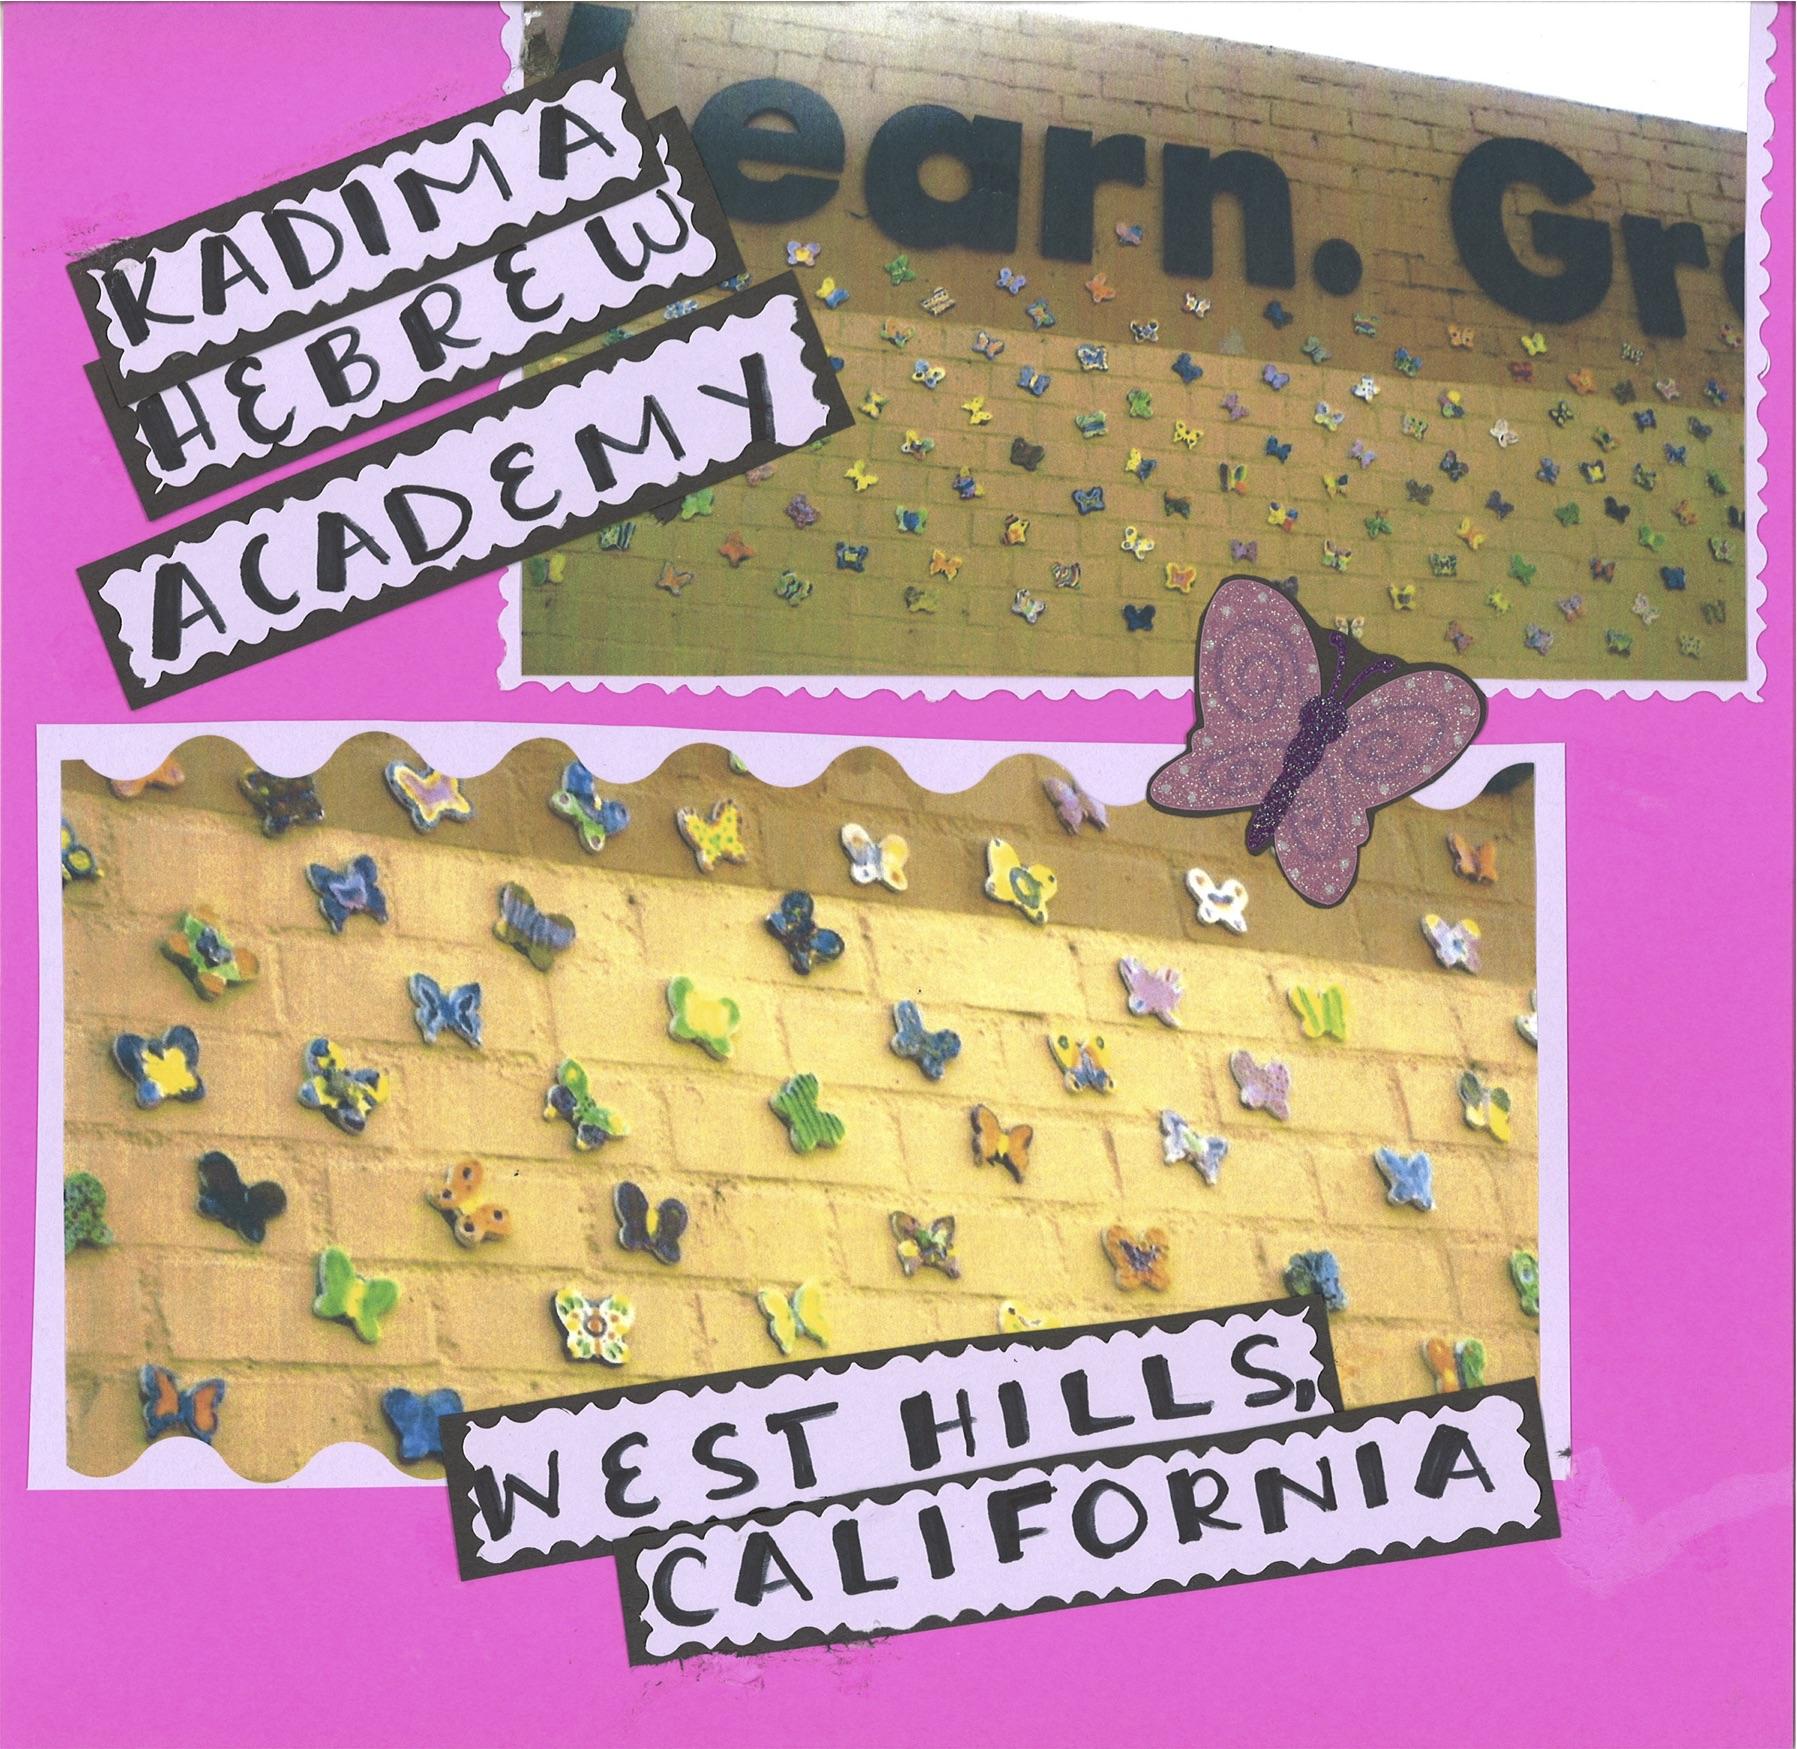 Kadima West Hills CA